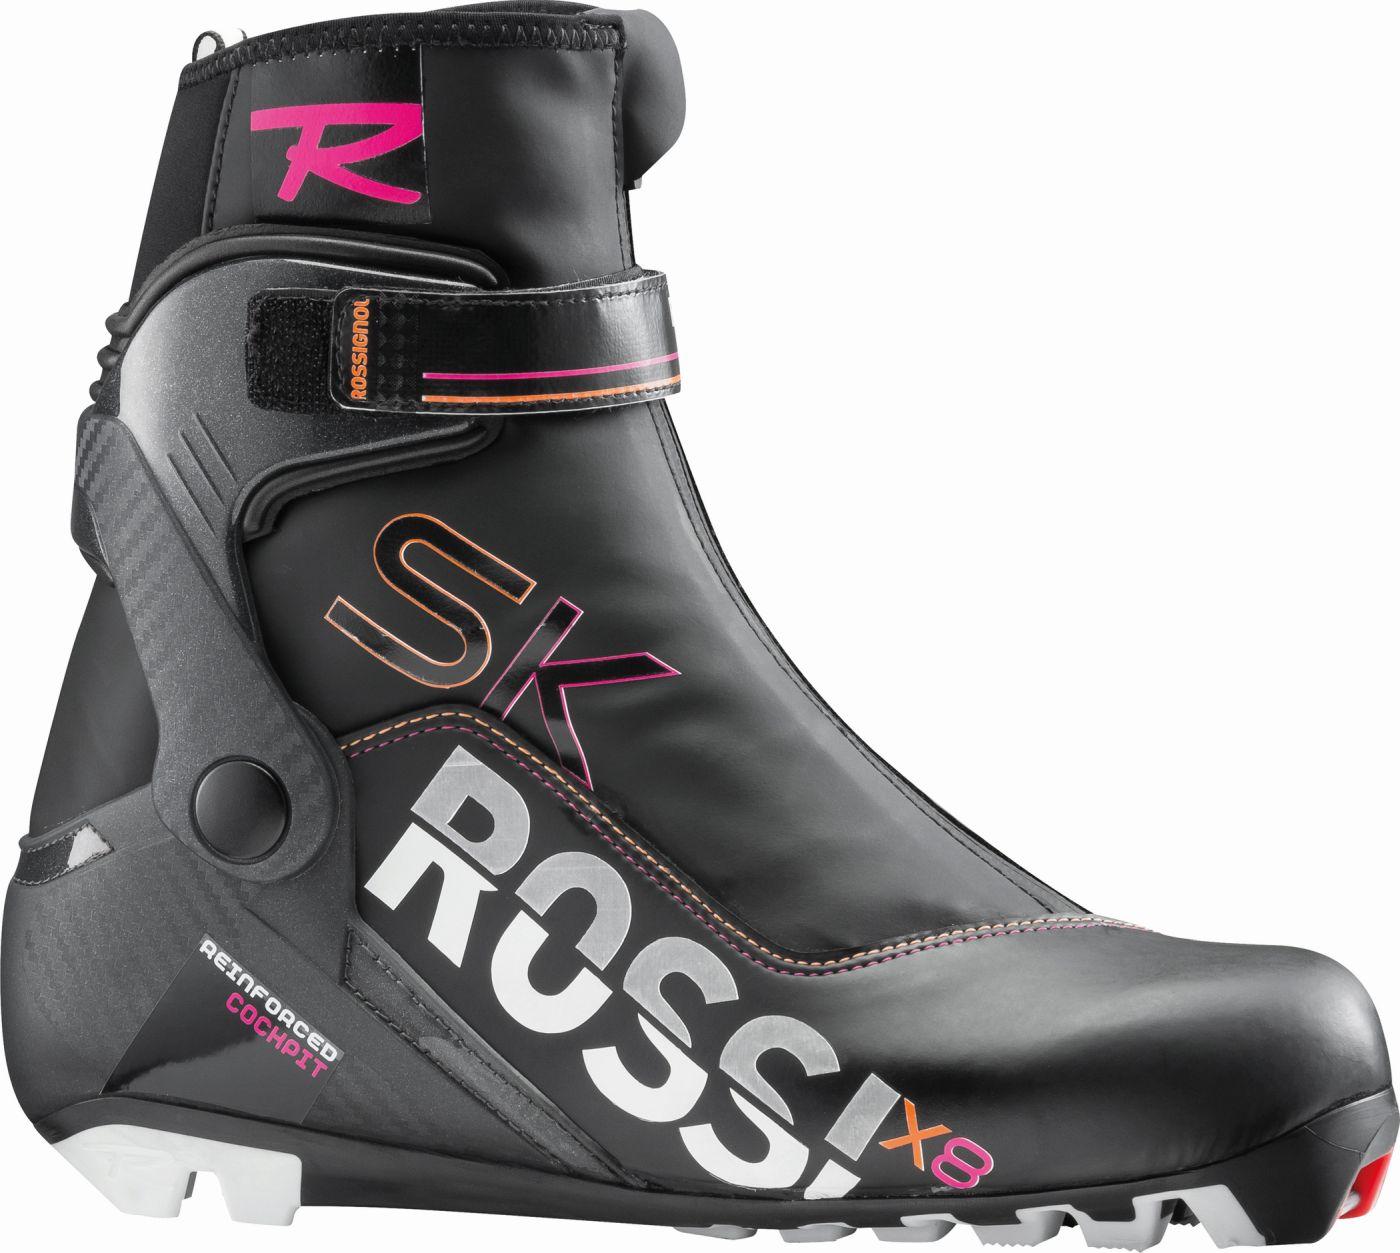 4a677fd3c5d84 Rossignol eshop - Bežecká obuv: X-8 Skate FW